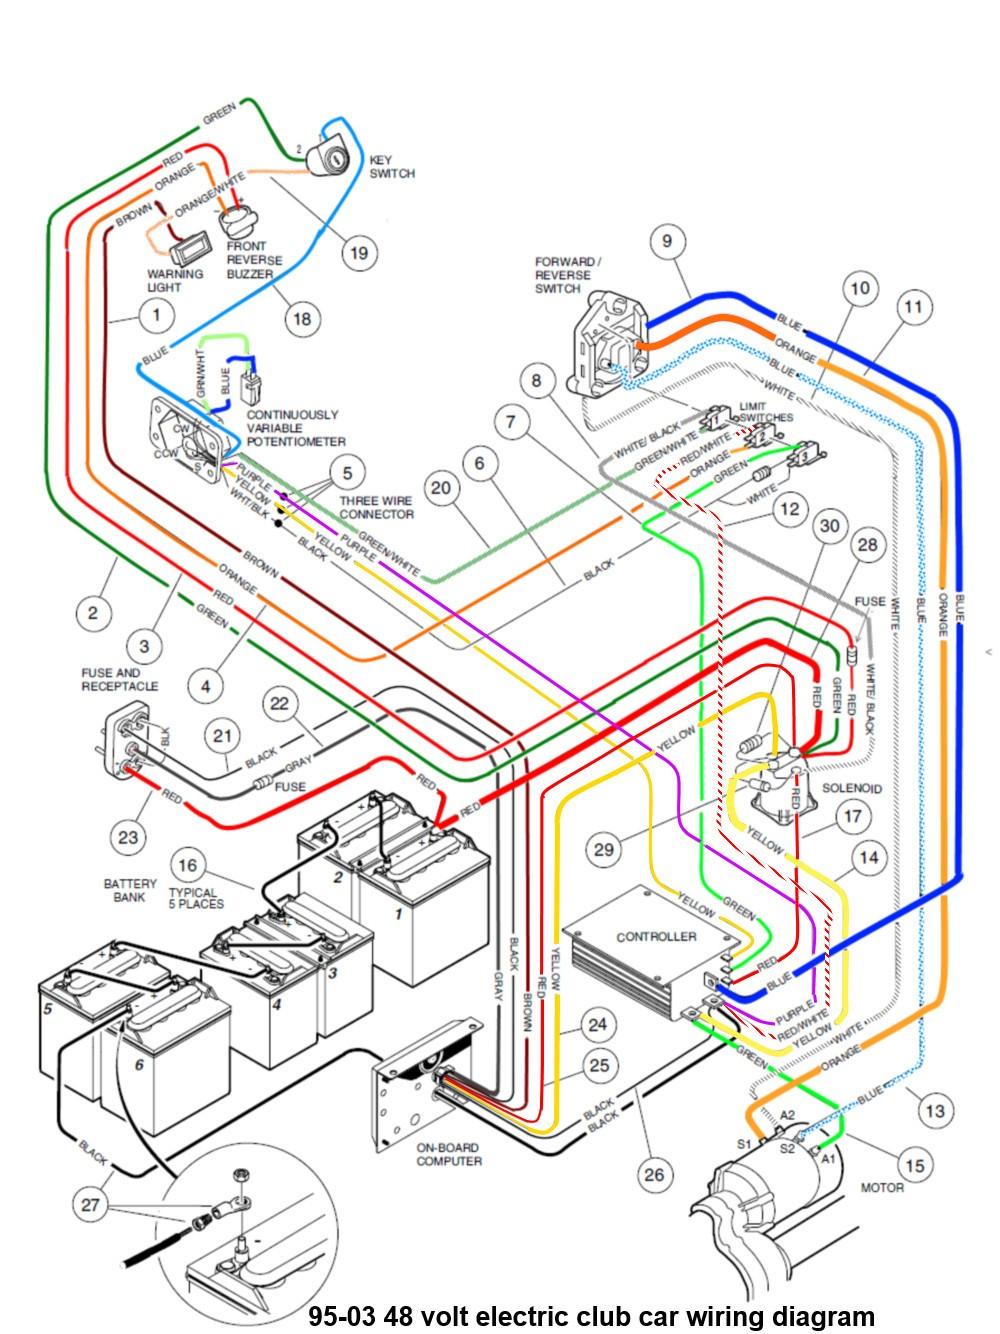 Club Car Wiring Diagram Luxury Wiring Diagram for Club Car Golf Cart Gooddy org Electric 2009 – Diagram